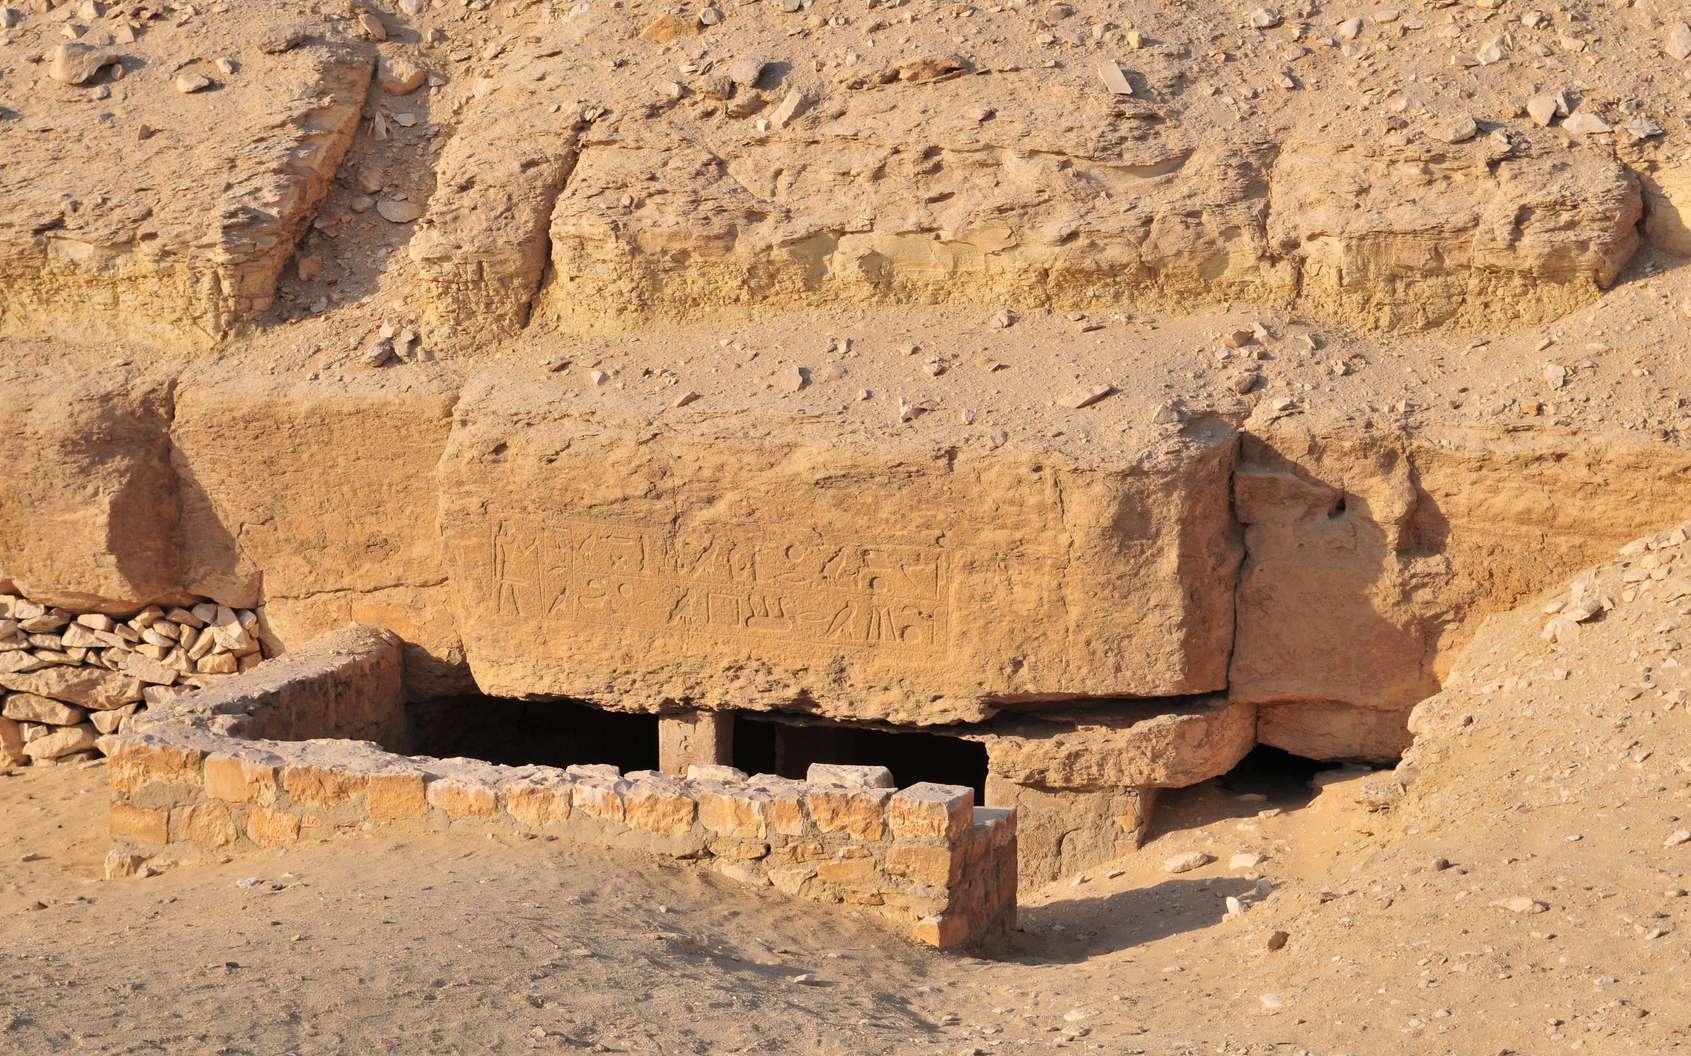 Entrée de la tombe d'un noble d'Ancienne Égypte dans la nécropole de Saqqara. © Jan Marot, Fotolia